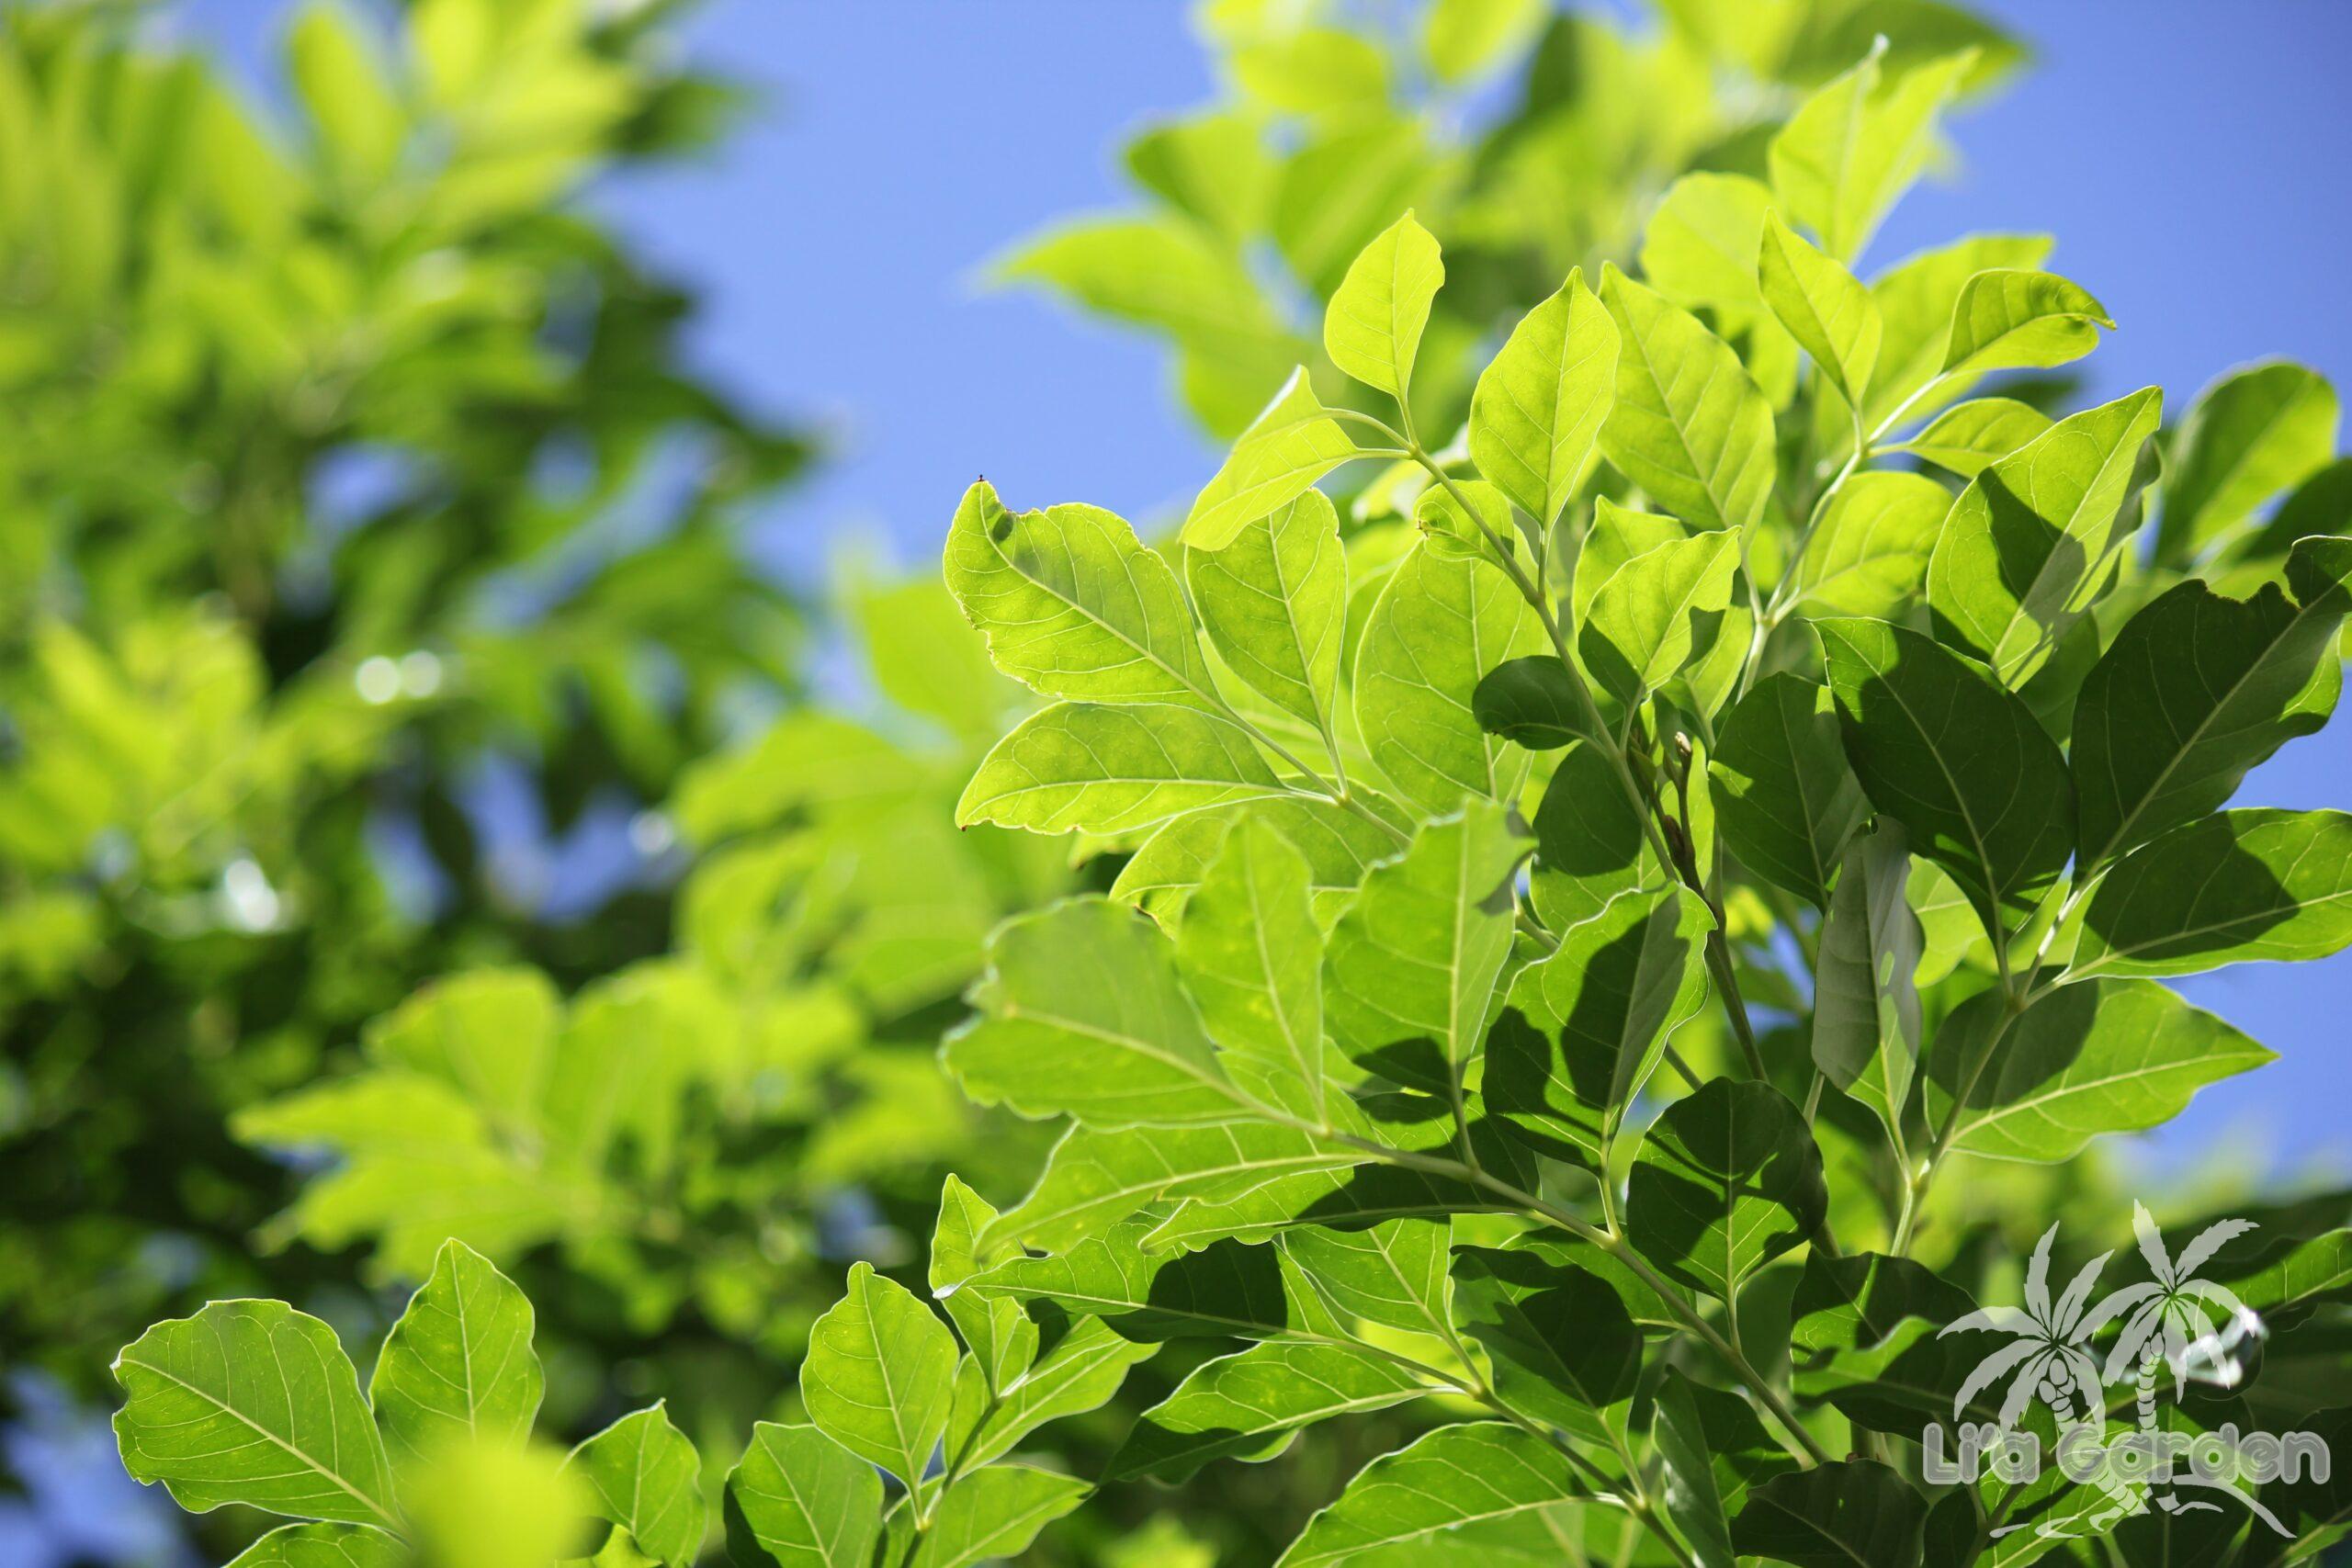 【メインツリー】 シマトネリコ Fraxinus griffithii 〈常緑広葉樹〉